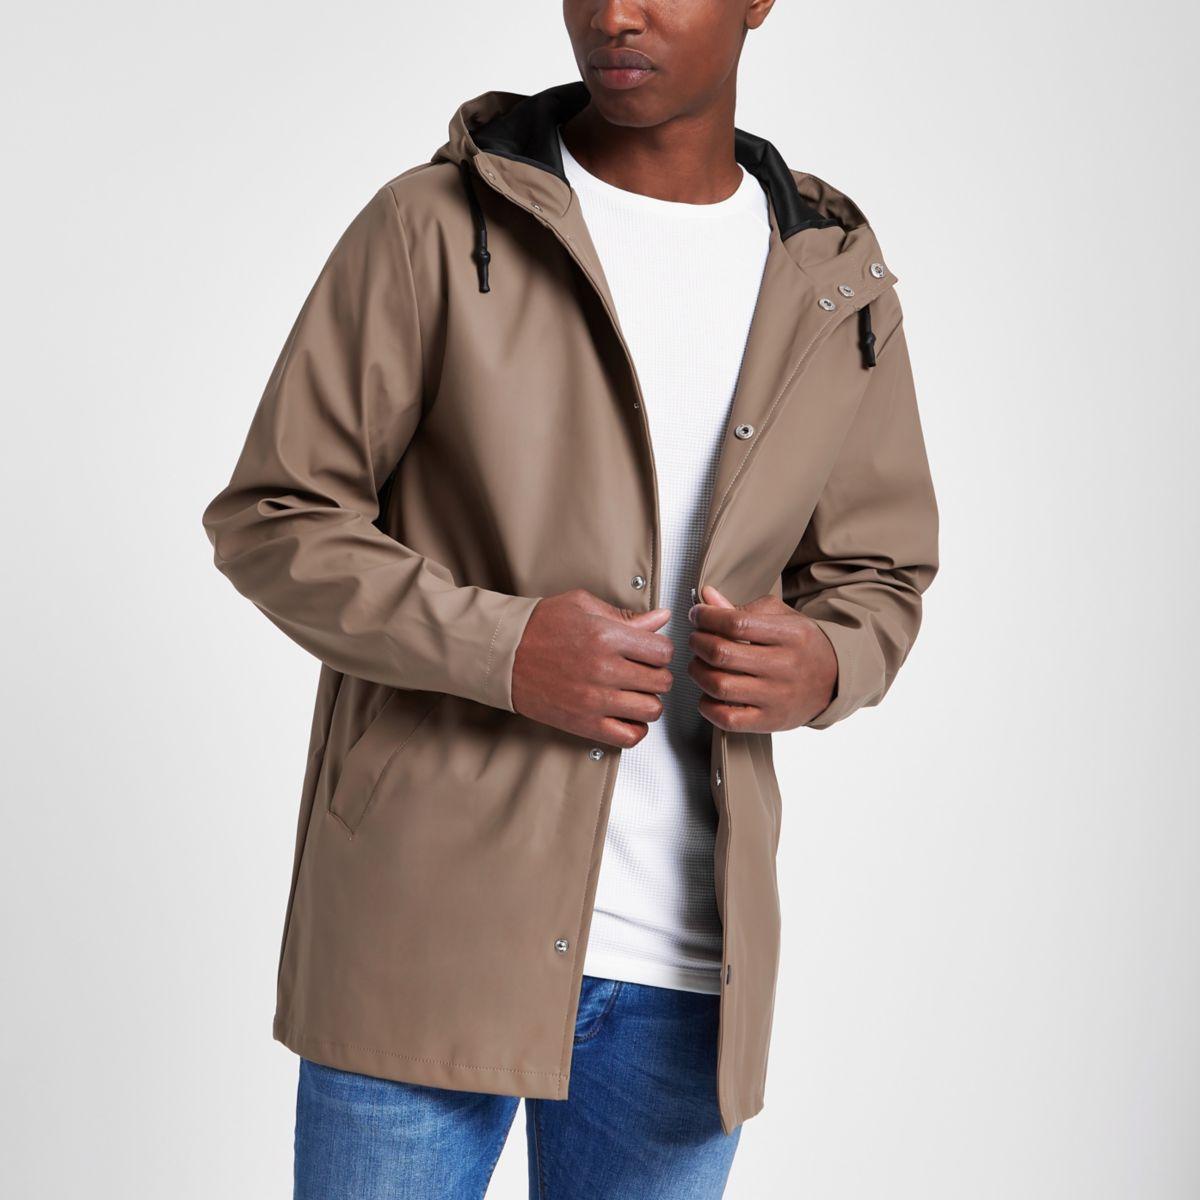 Tan water resistant hooded jacket